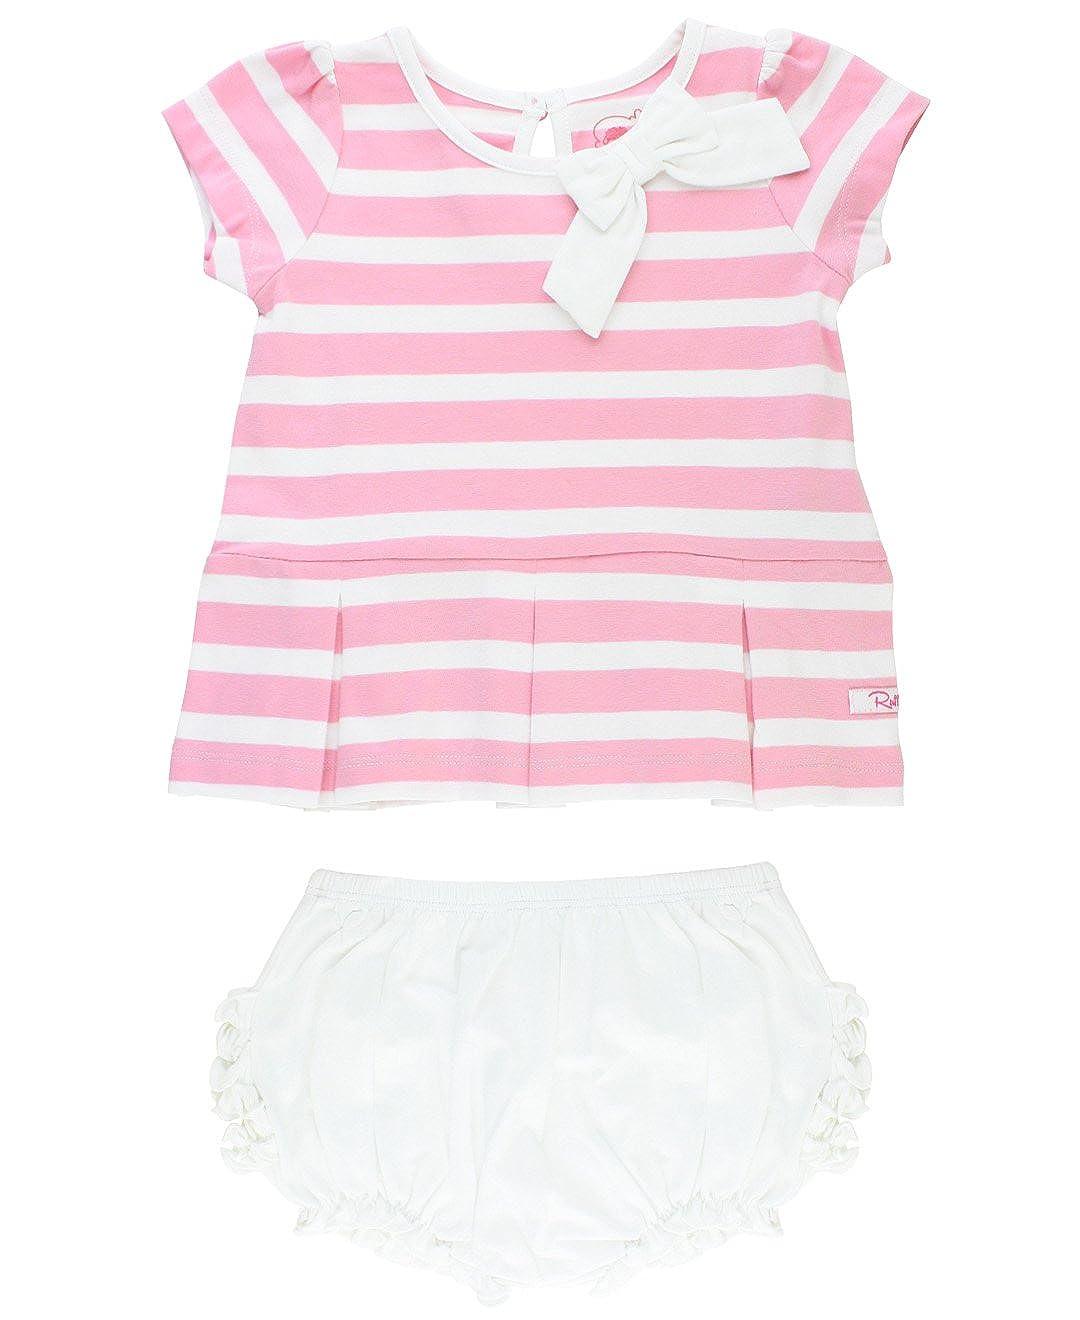 RuffleButts Infant/Toddler Girls 2-Piece Short Sleeve Stripe Peplum & Ruffled Bloomer Set SSKPWXX-BL2P-BABY